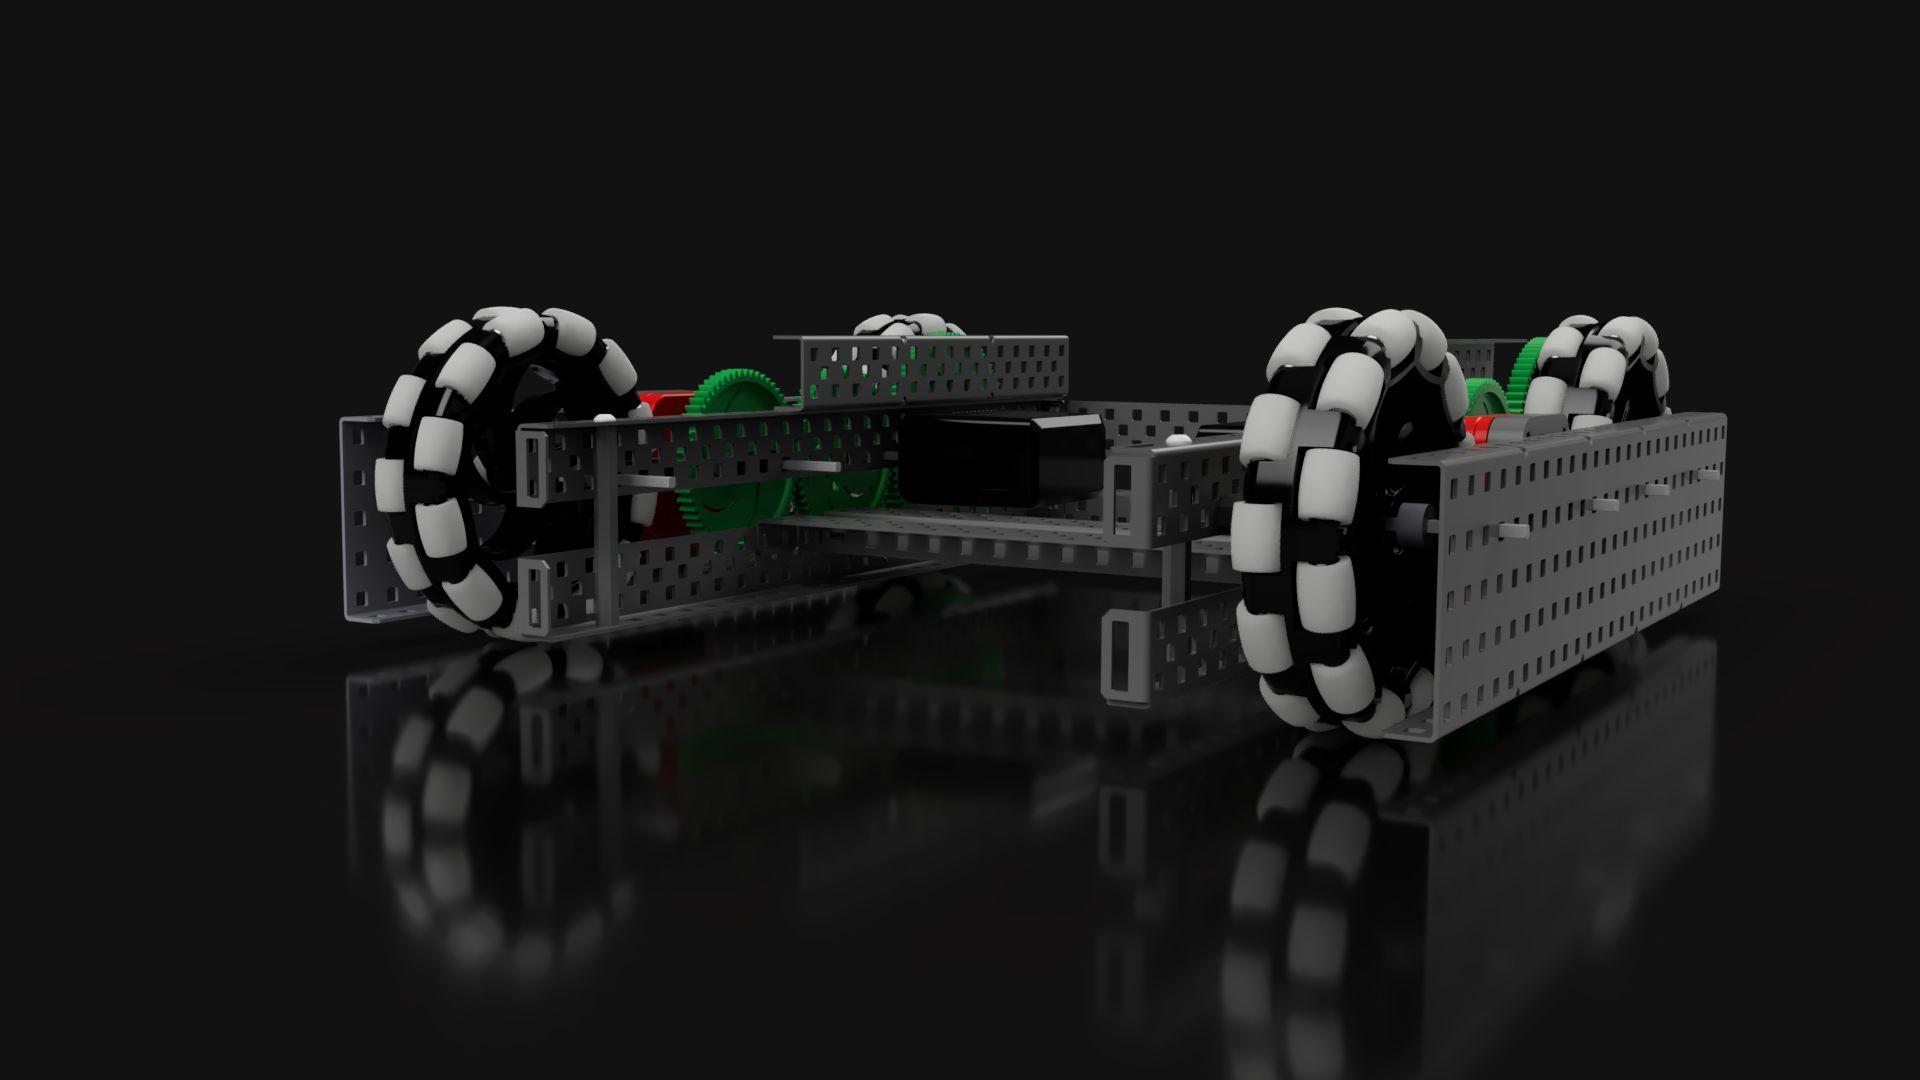 Robotic-traction---vex-robotics-v5-design-2019-jun-09-10-59-25pm-000-customizedview2658734157-png-3500-3500